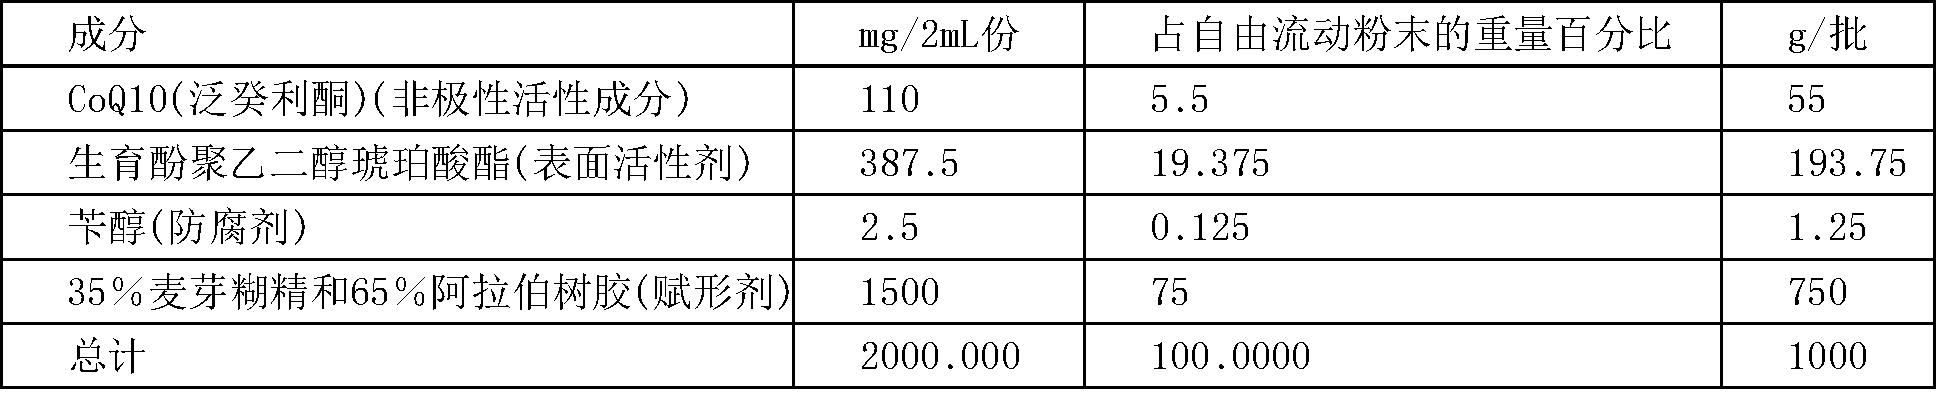 Figure CN102036661BD00953